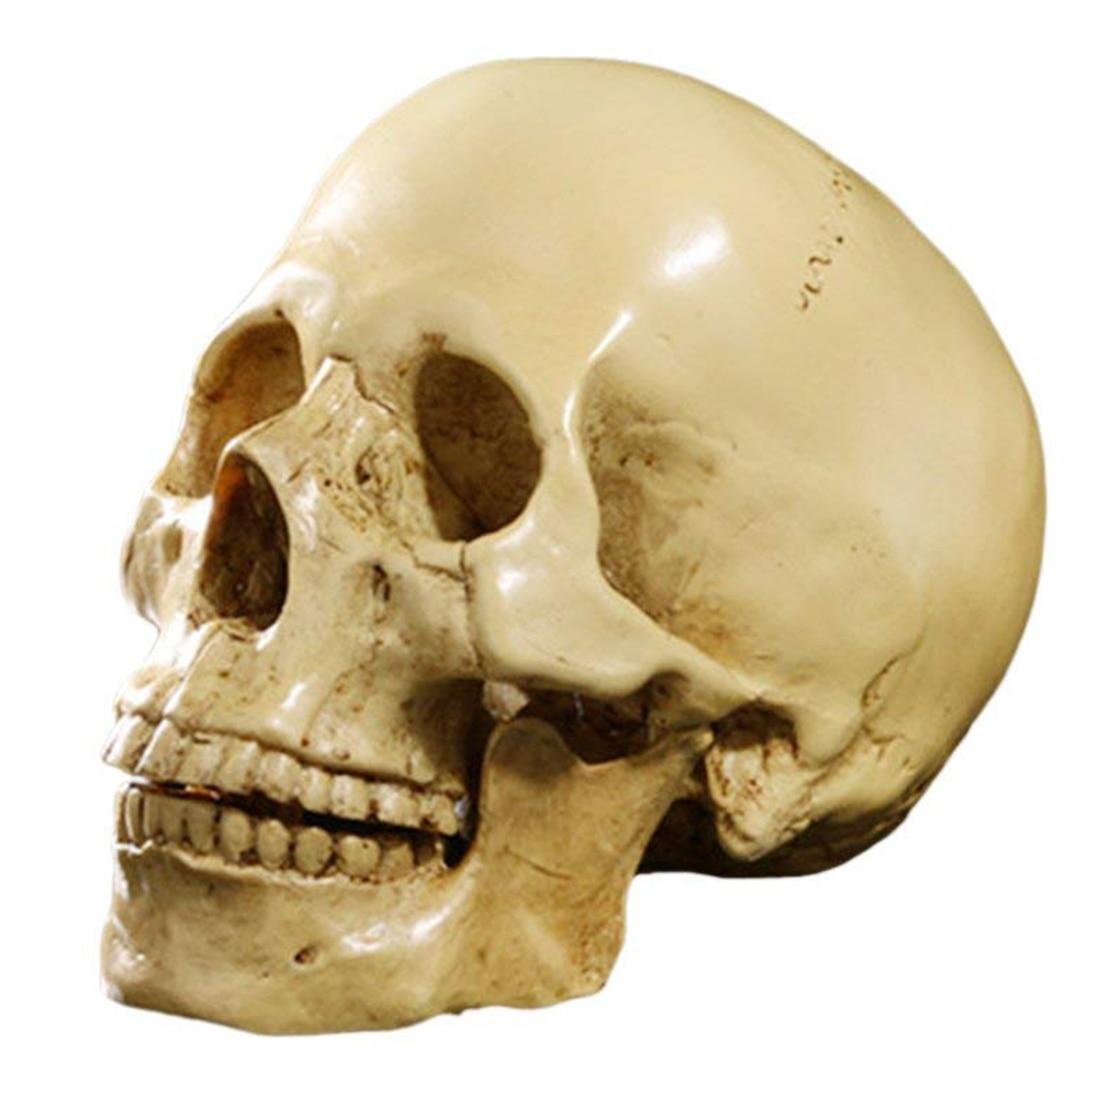 Model 1: 1 Resin  Skull Anatomical Teaching Decoration YellowModel 1: 1 Resin  Skull Anatomical Teaching Decoration Yellow